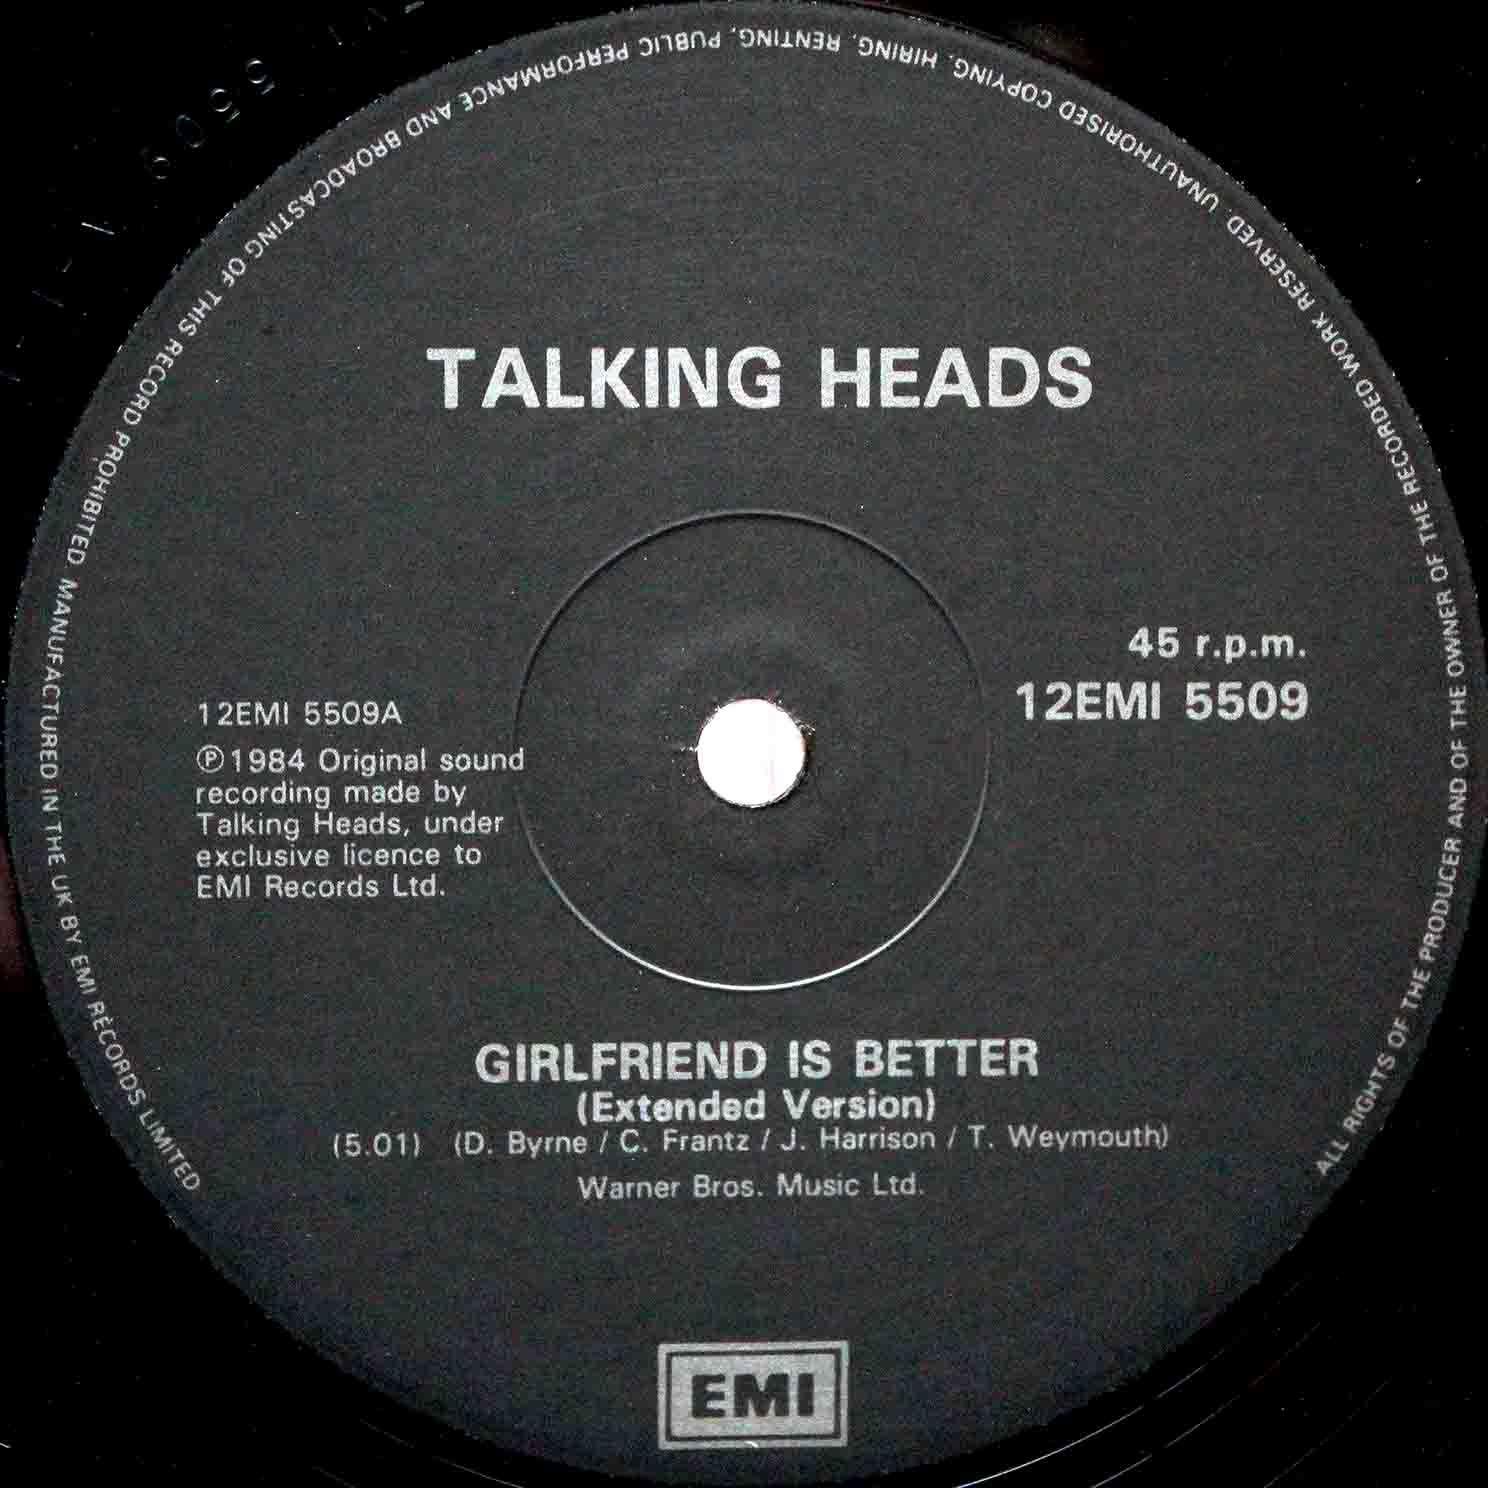 Talking Heads – Girlfriend Is Better 03